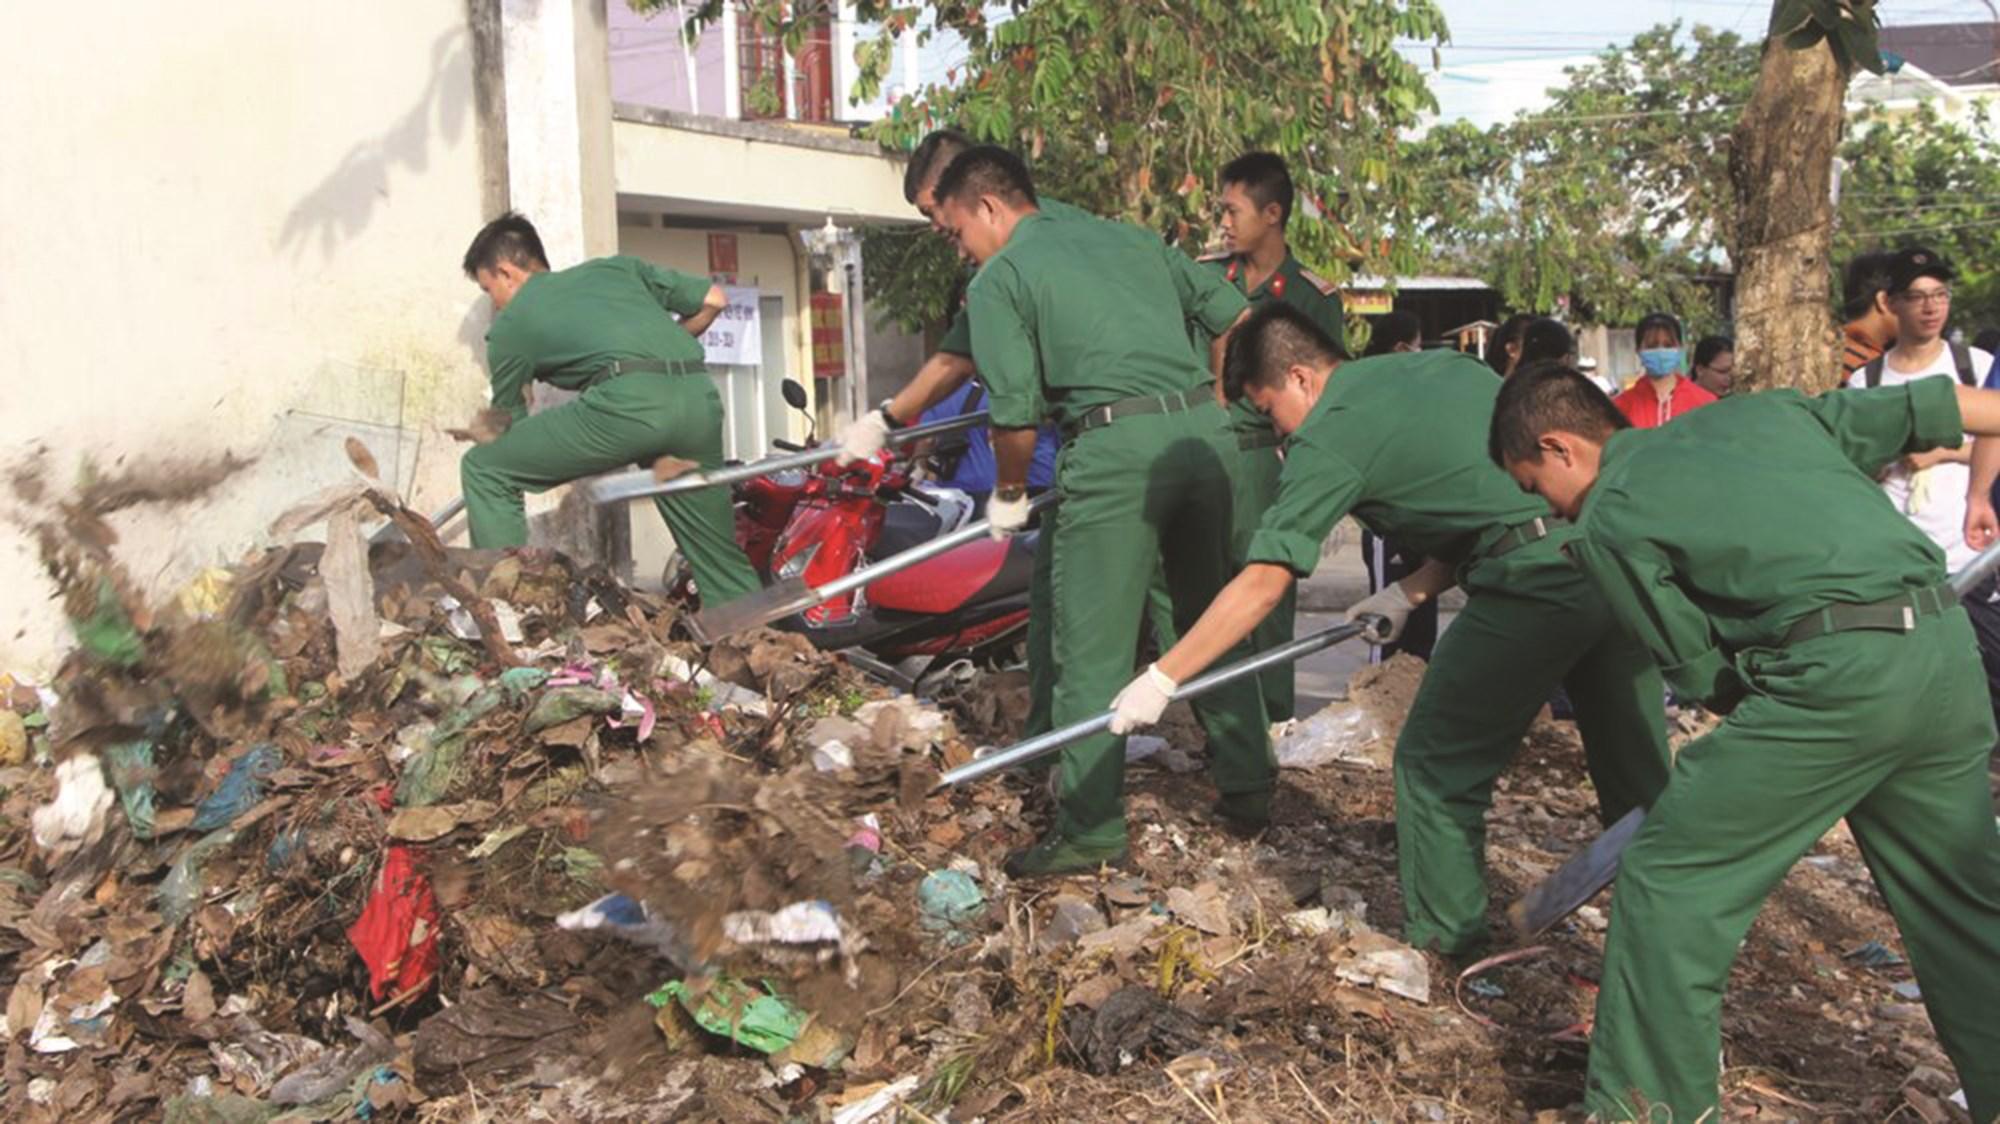 Công tác bảo vệ môi trường thu hút được nhiều cơ quan, đơn vị tham gia hưởng ứng.